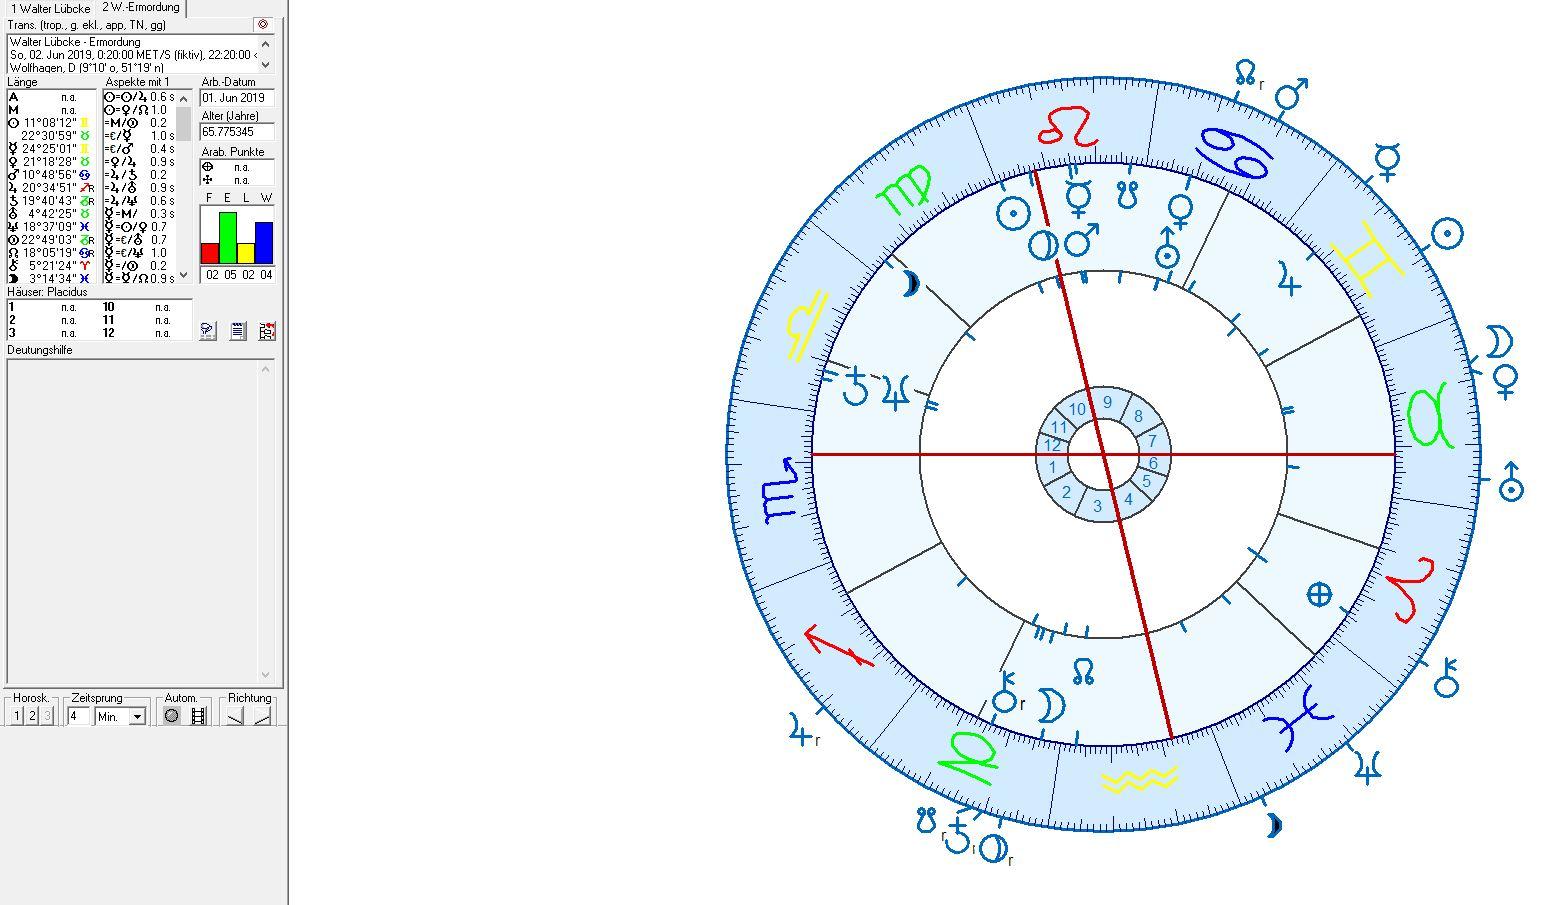 Astrologie und Astrogeographie des Attentats auf Walter Lübcke